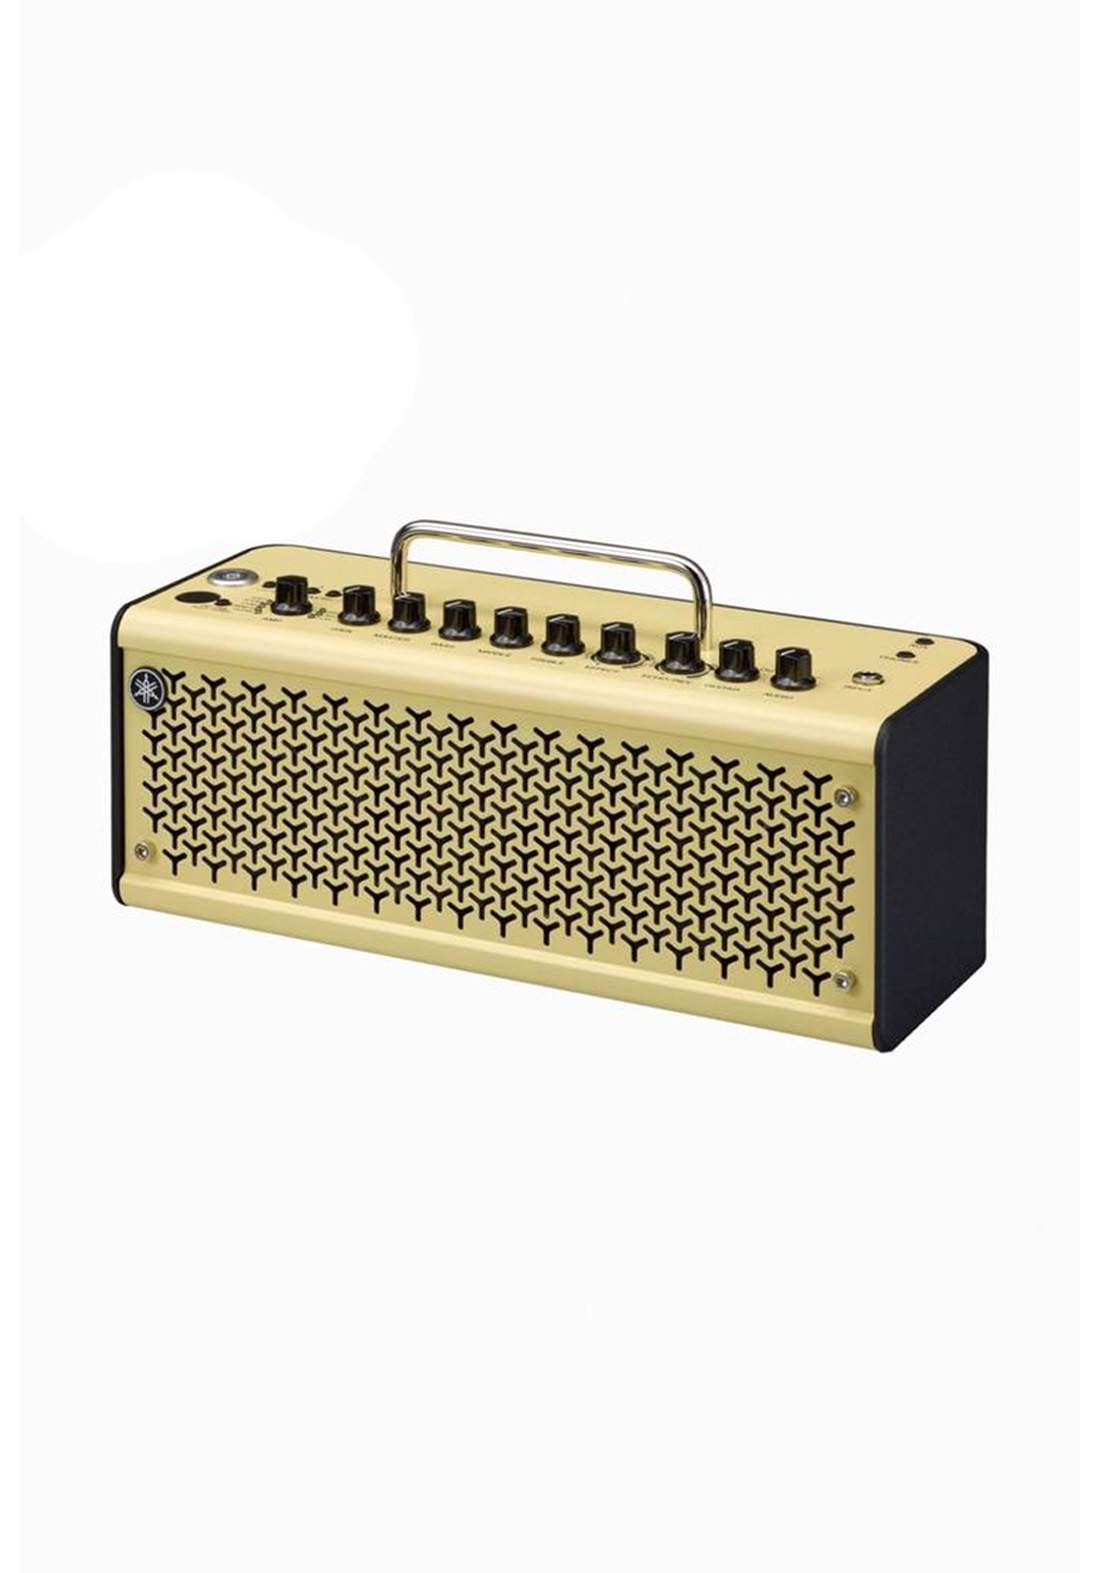 Yamaha THR 10ll Guitar Amplifier - امبليفاير جيتار